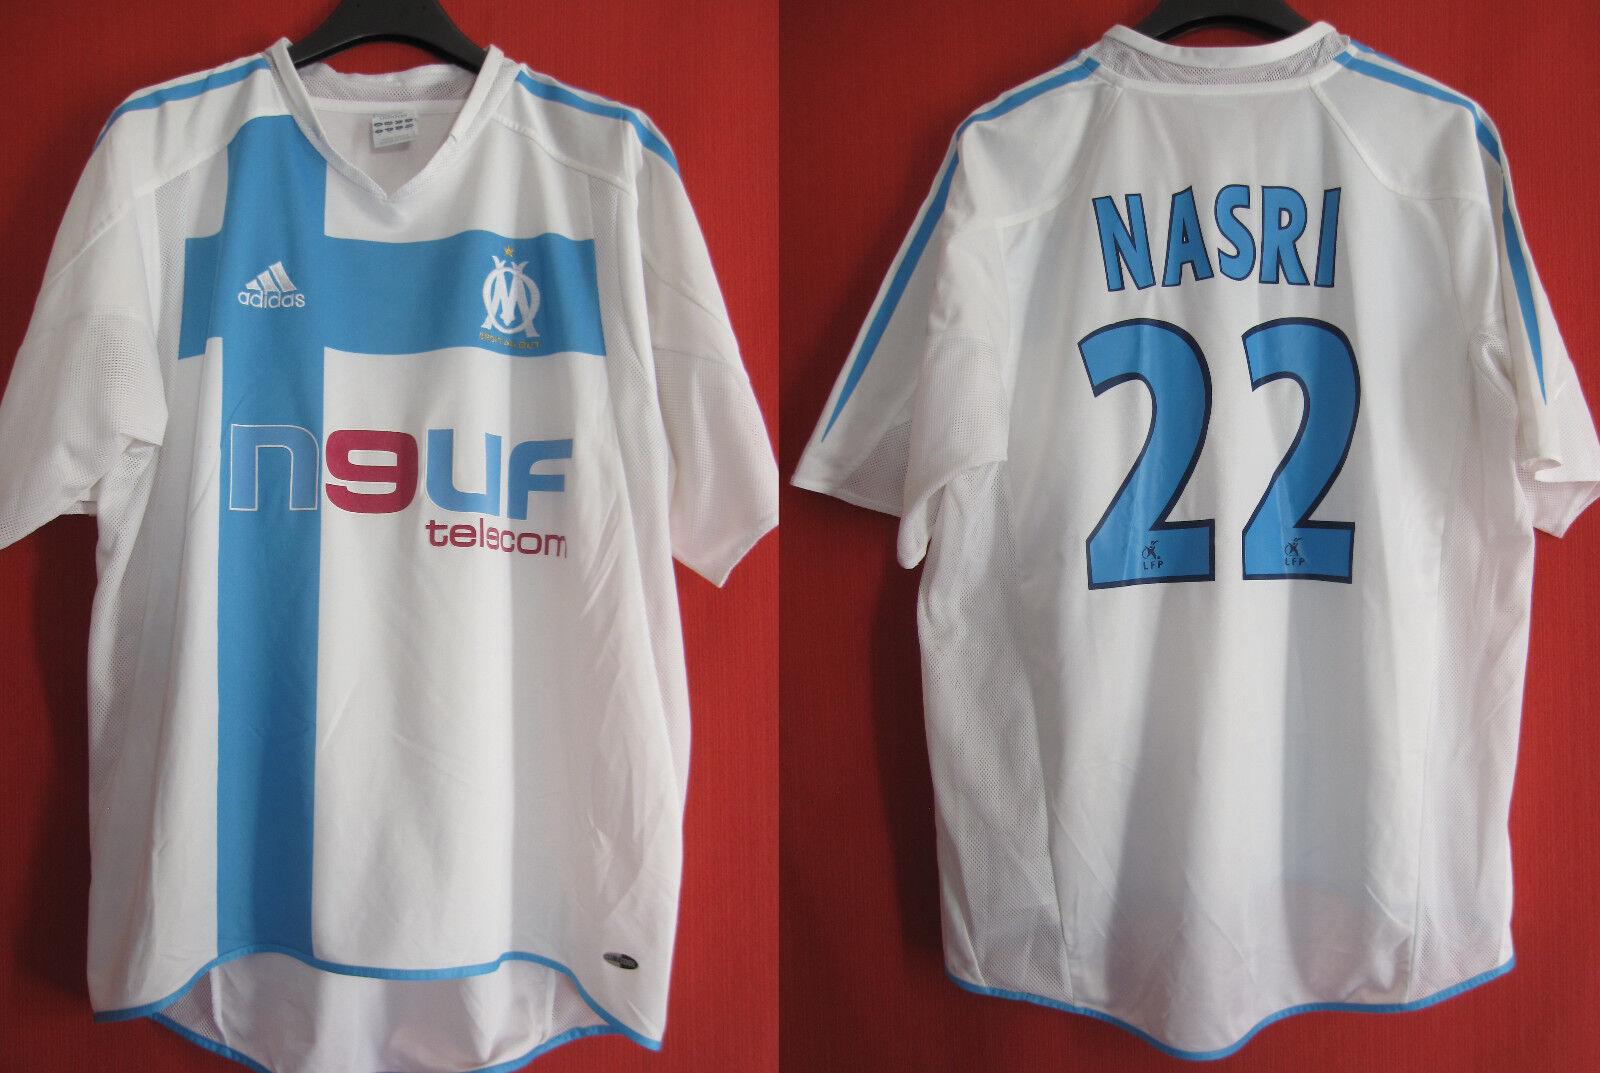 Maillot Olympique Marseille NASRI Neuf Telecom OM  Adidas vintage - M  compra en línea hoy